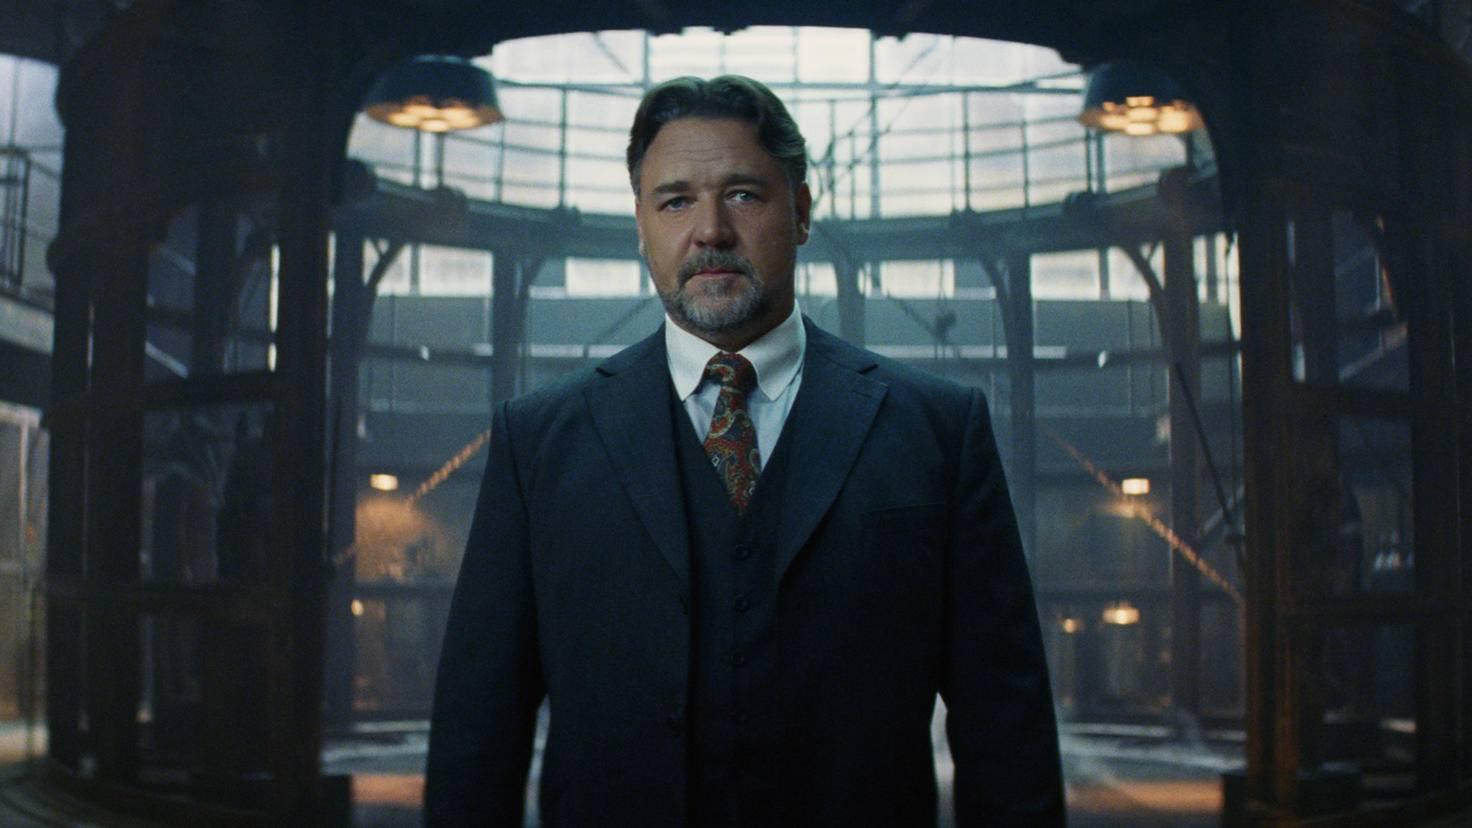 """Russell Crowe hat seinen ersten Auftritt als Dr. Henry Jakyll. Das """"Dark Universe"""" sieht noch einen Solo-Film für ihn vor."""